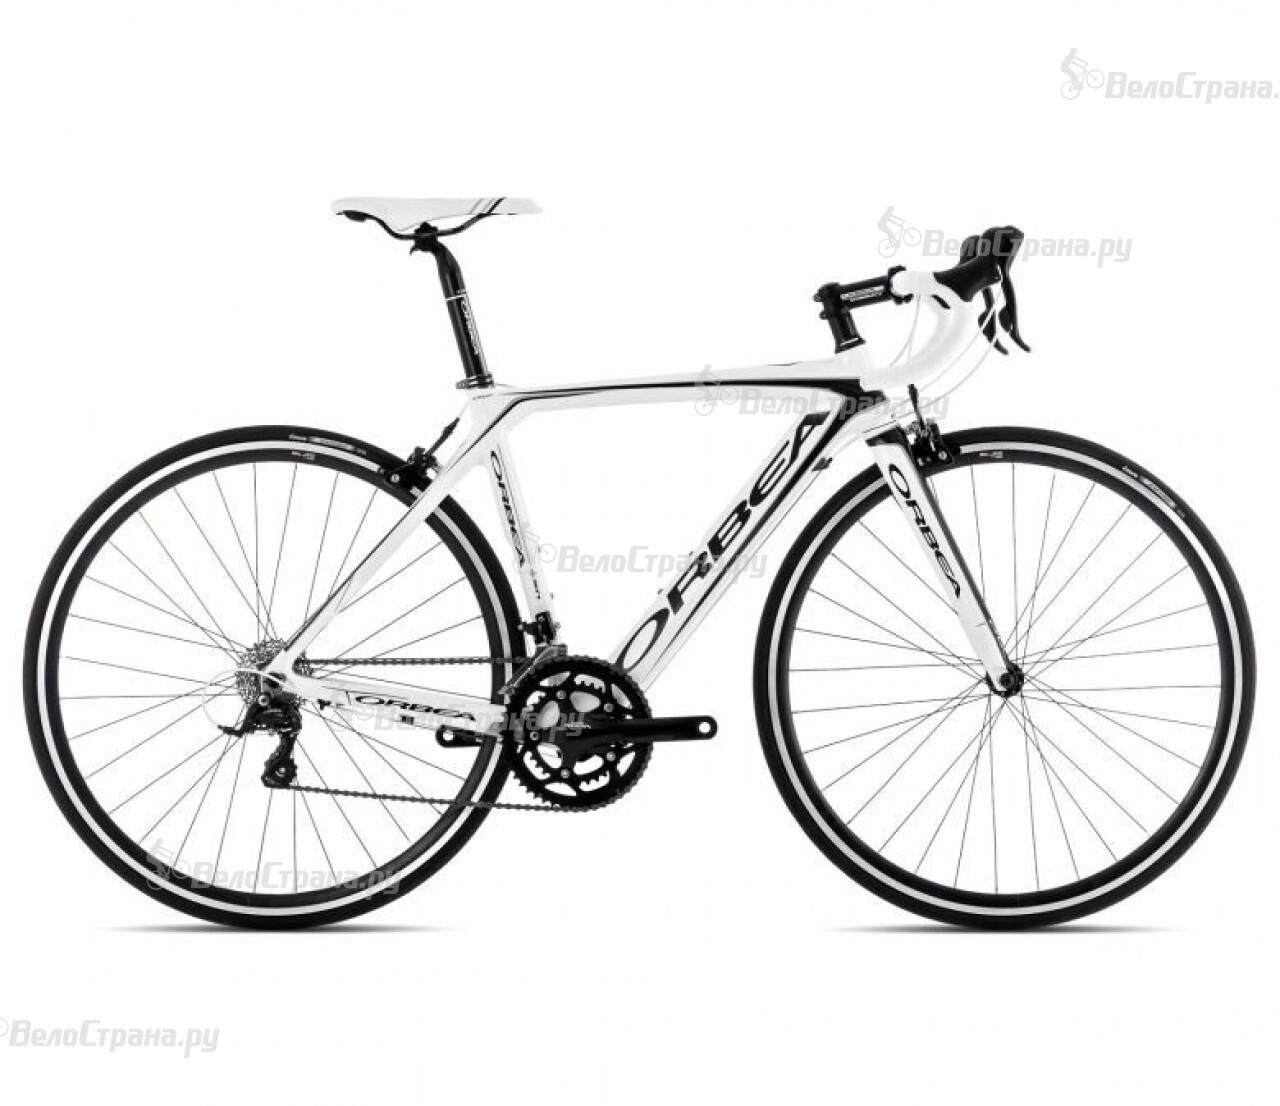 Велосипед Orbea Orca B Dama M70 (2014) велосипед orbea orca dama gth 2013